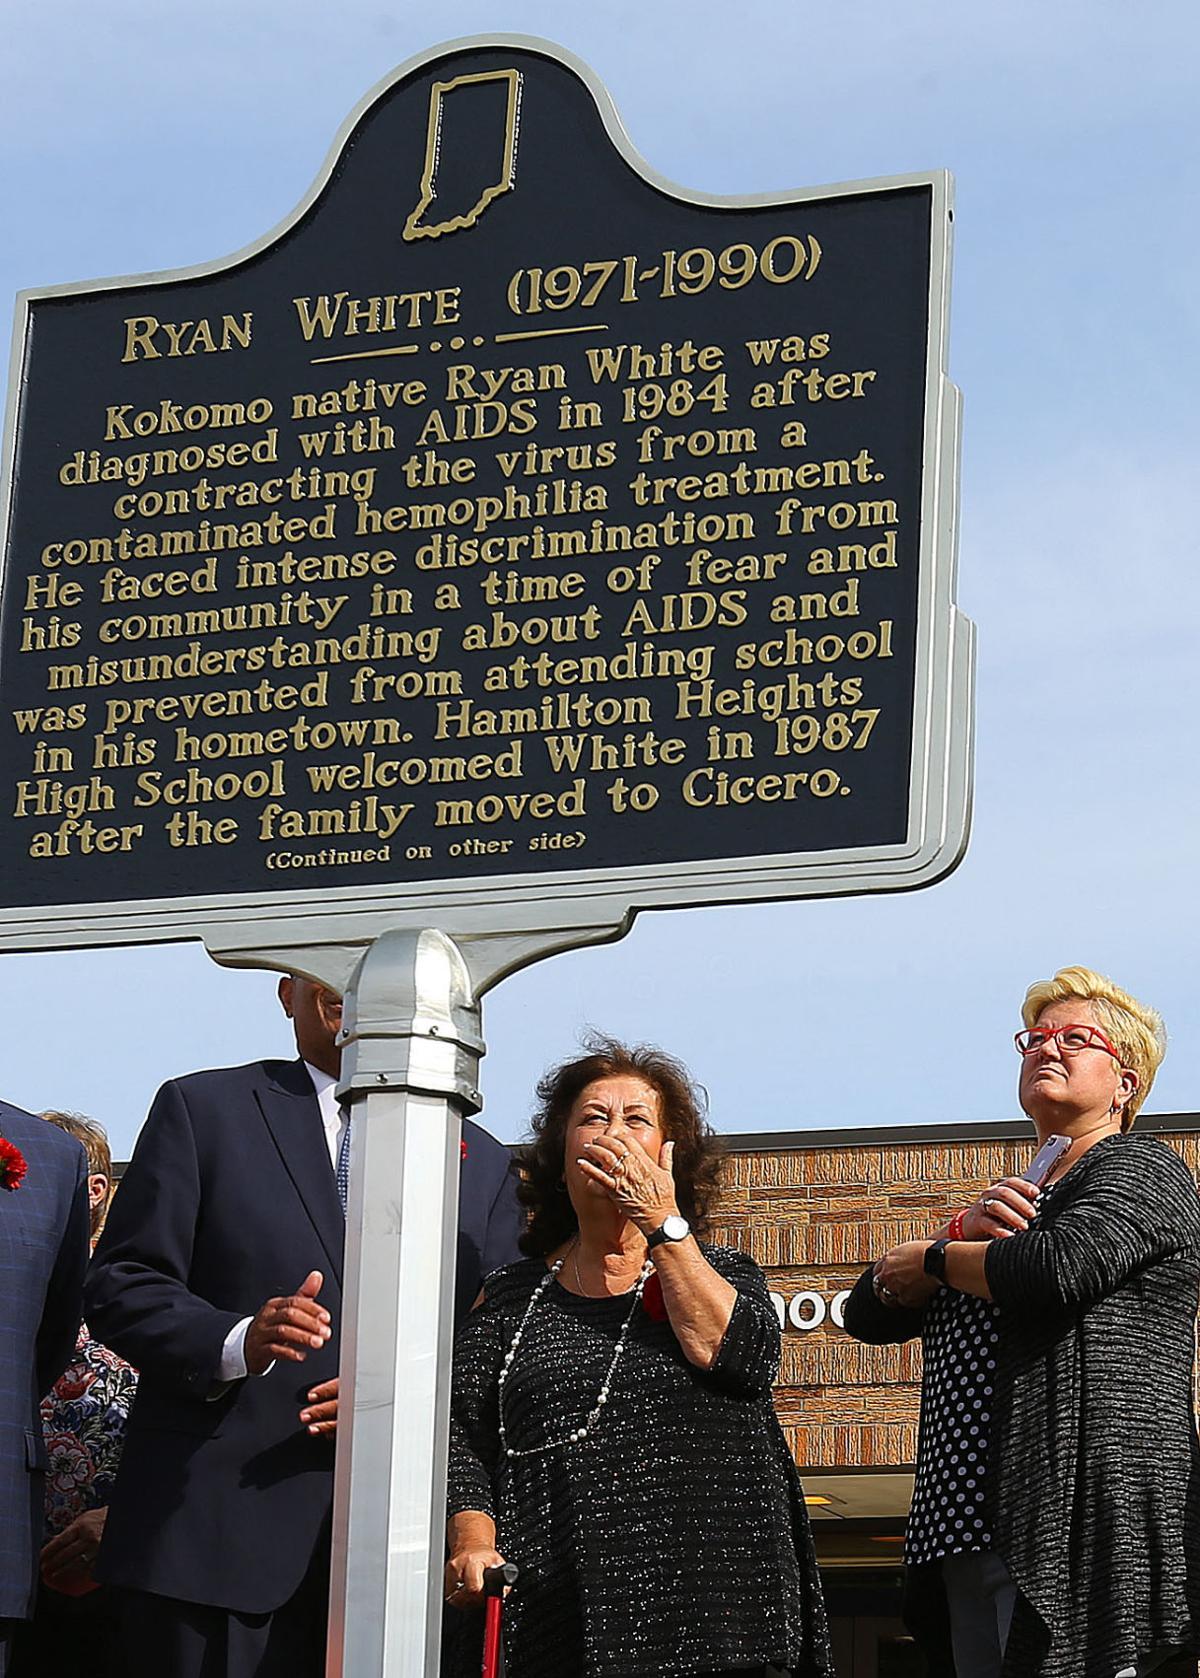 Ryan White Historical Marker 06.jpg